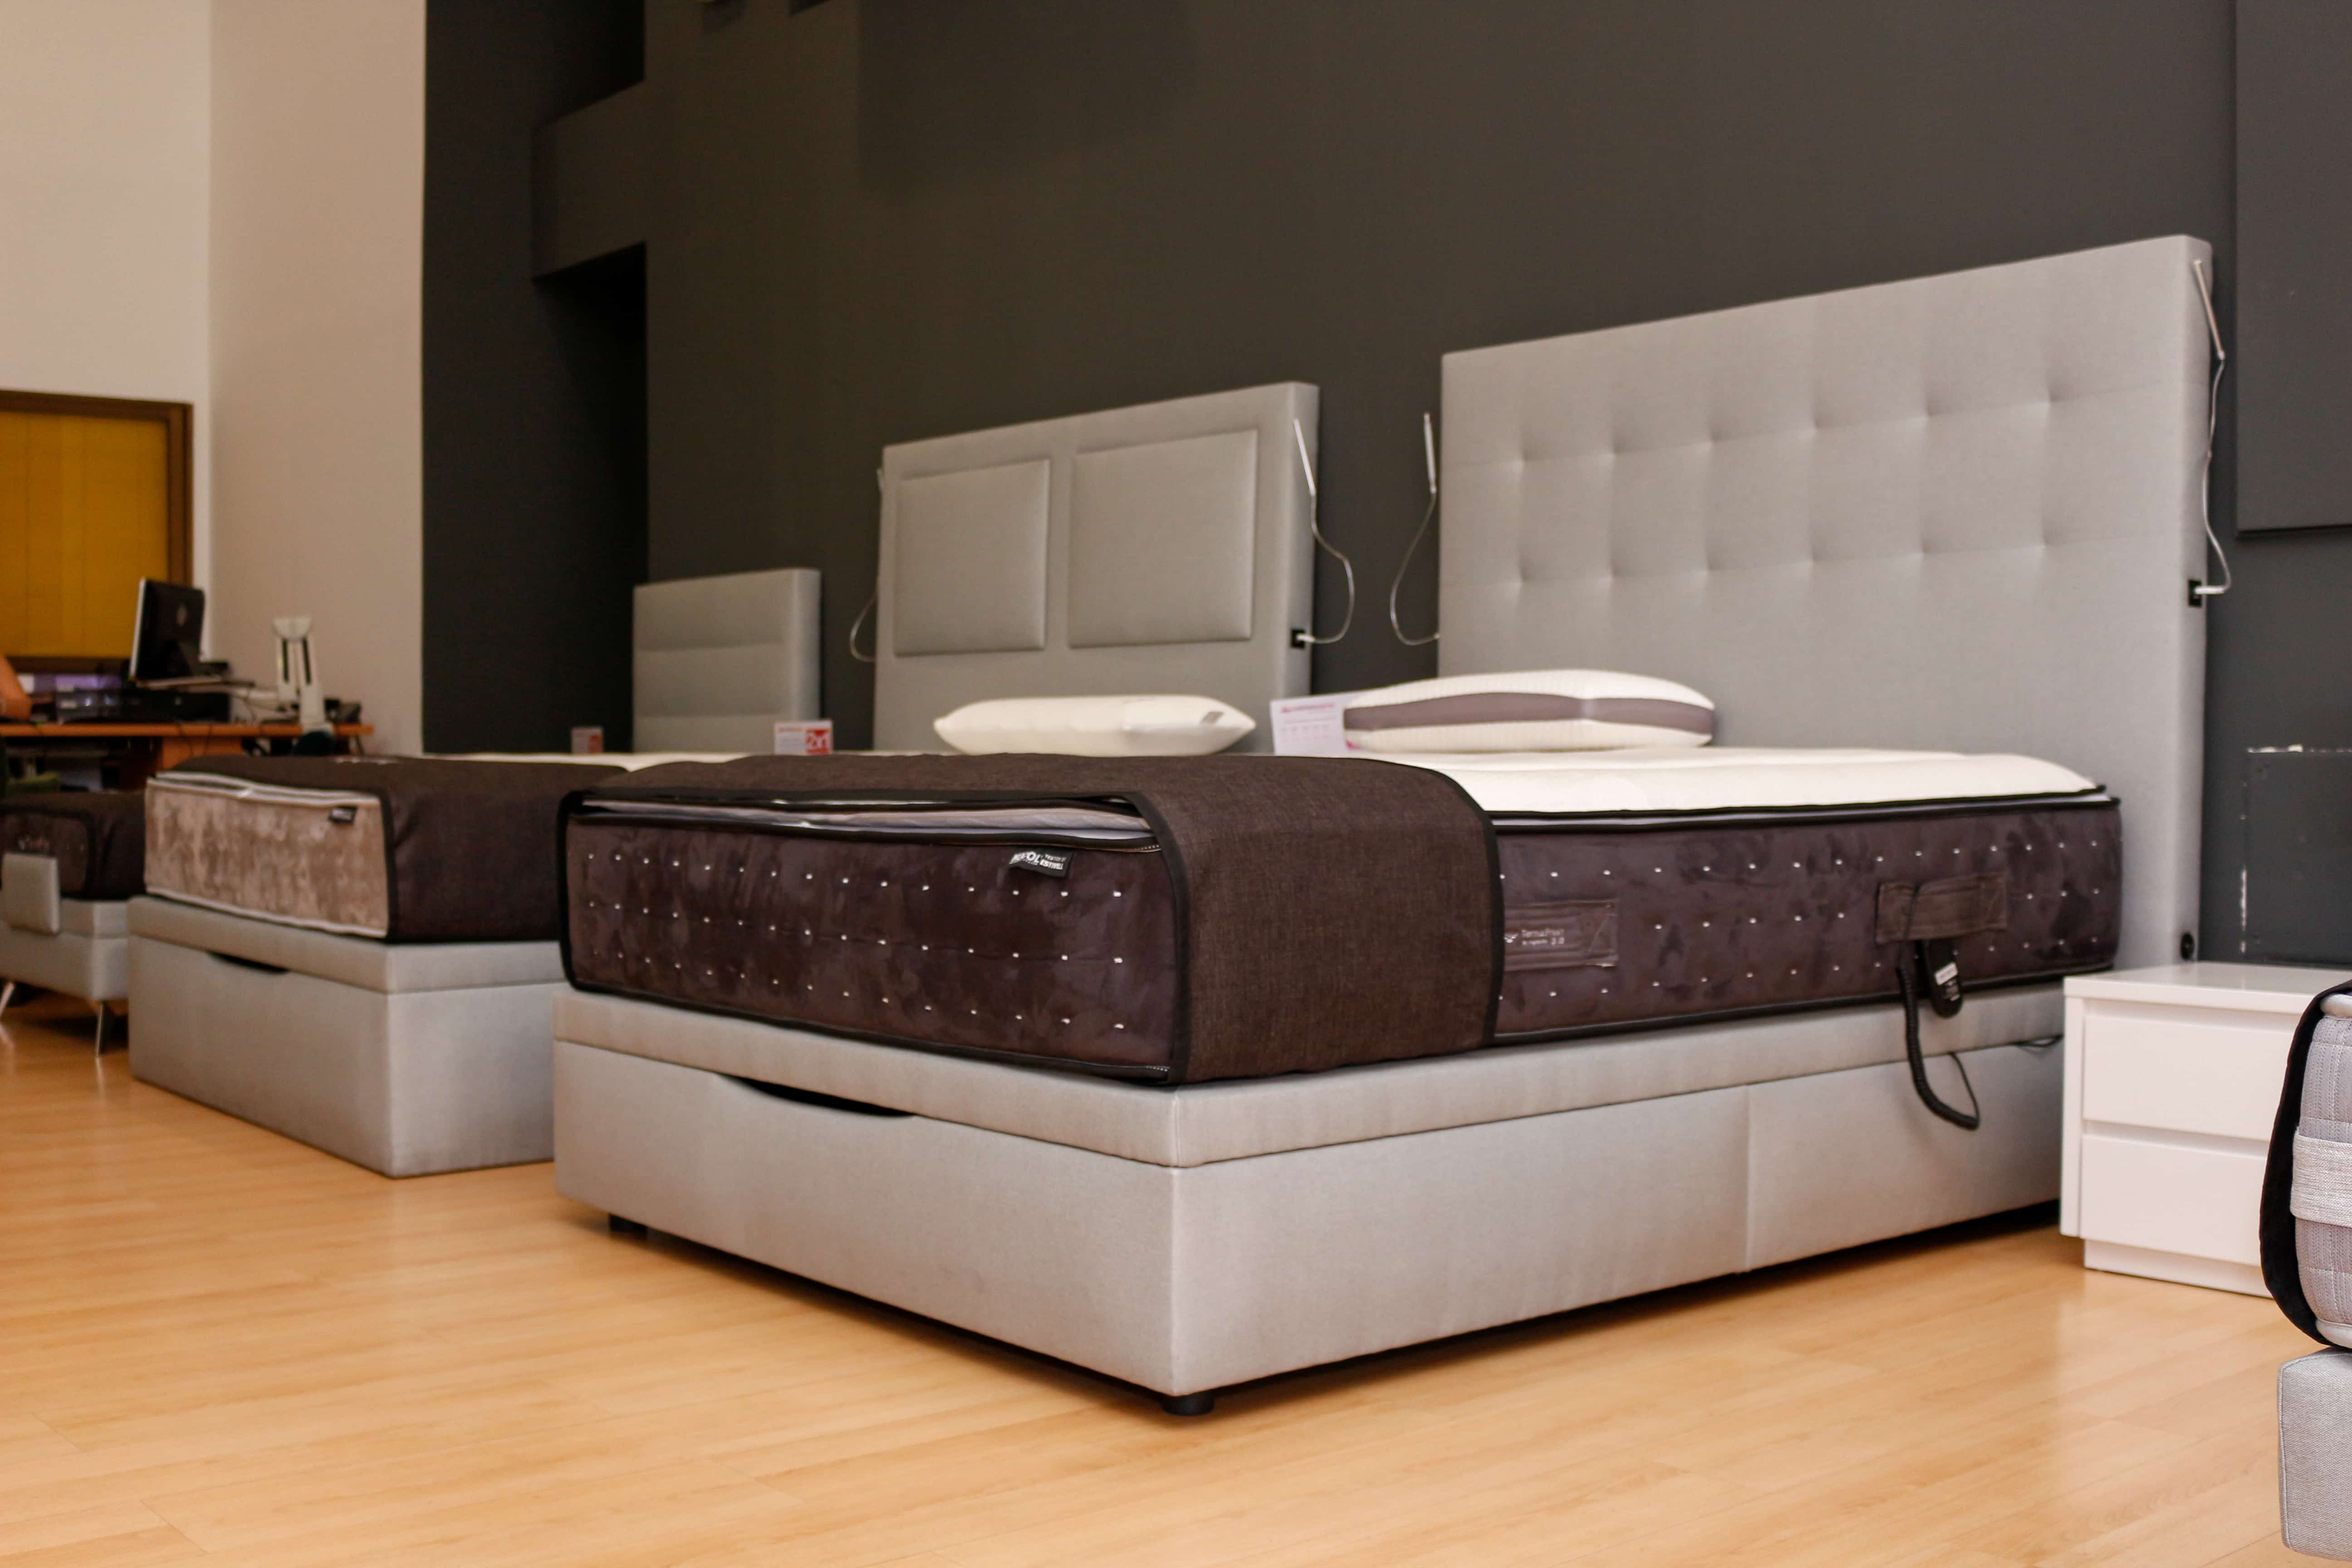 dormitorios modernos baratos y bonitos colch n expr s